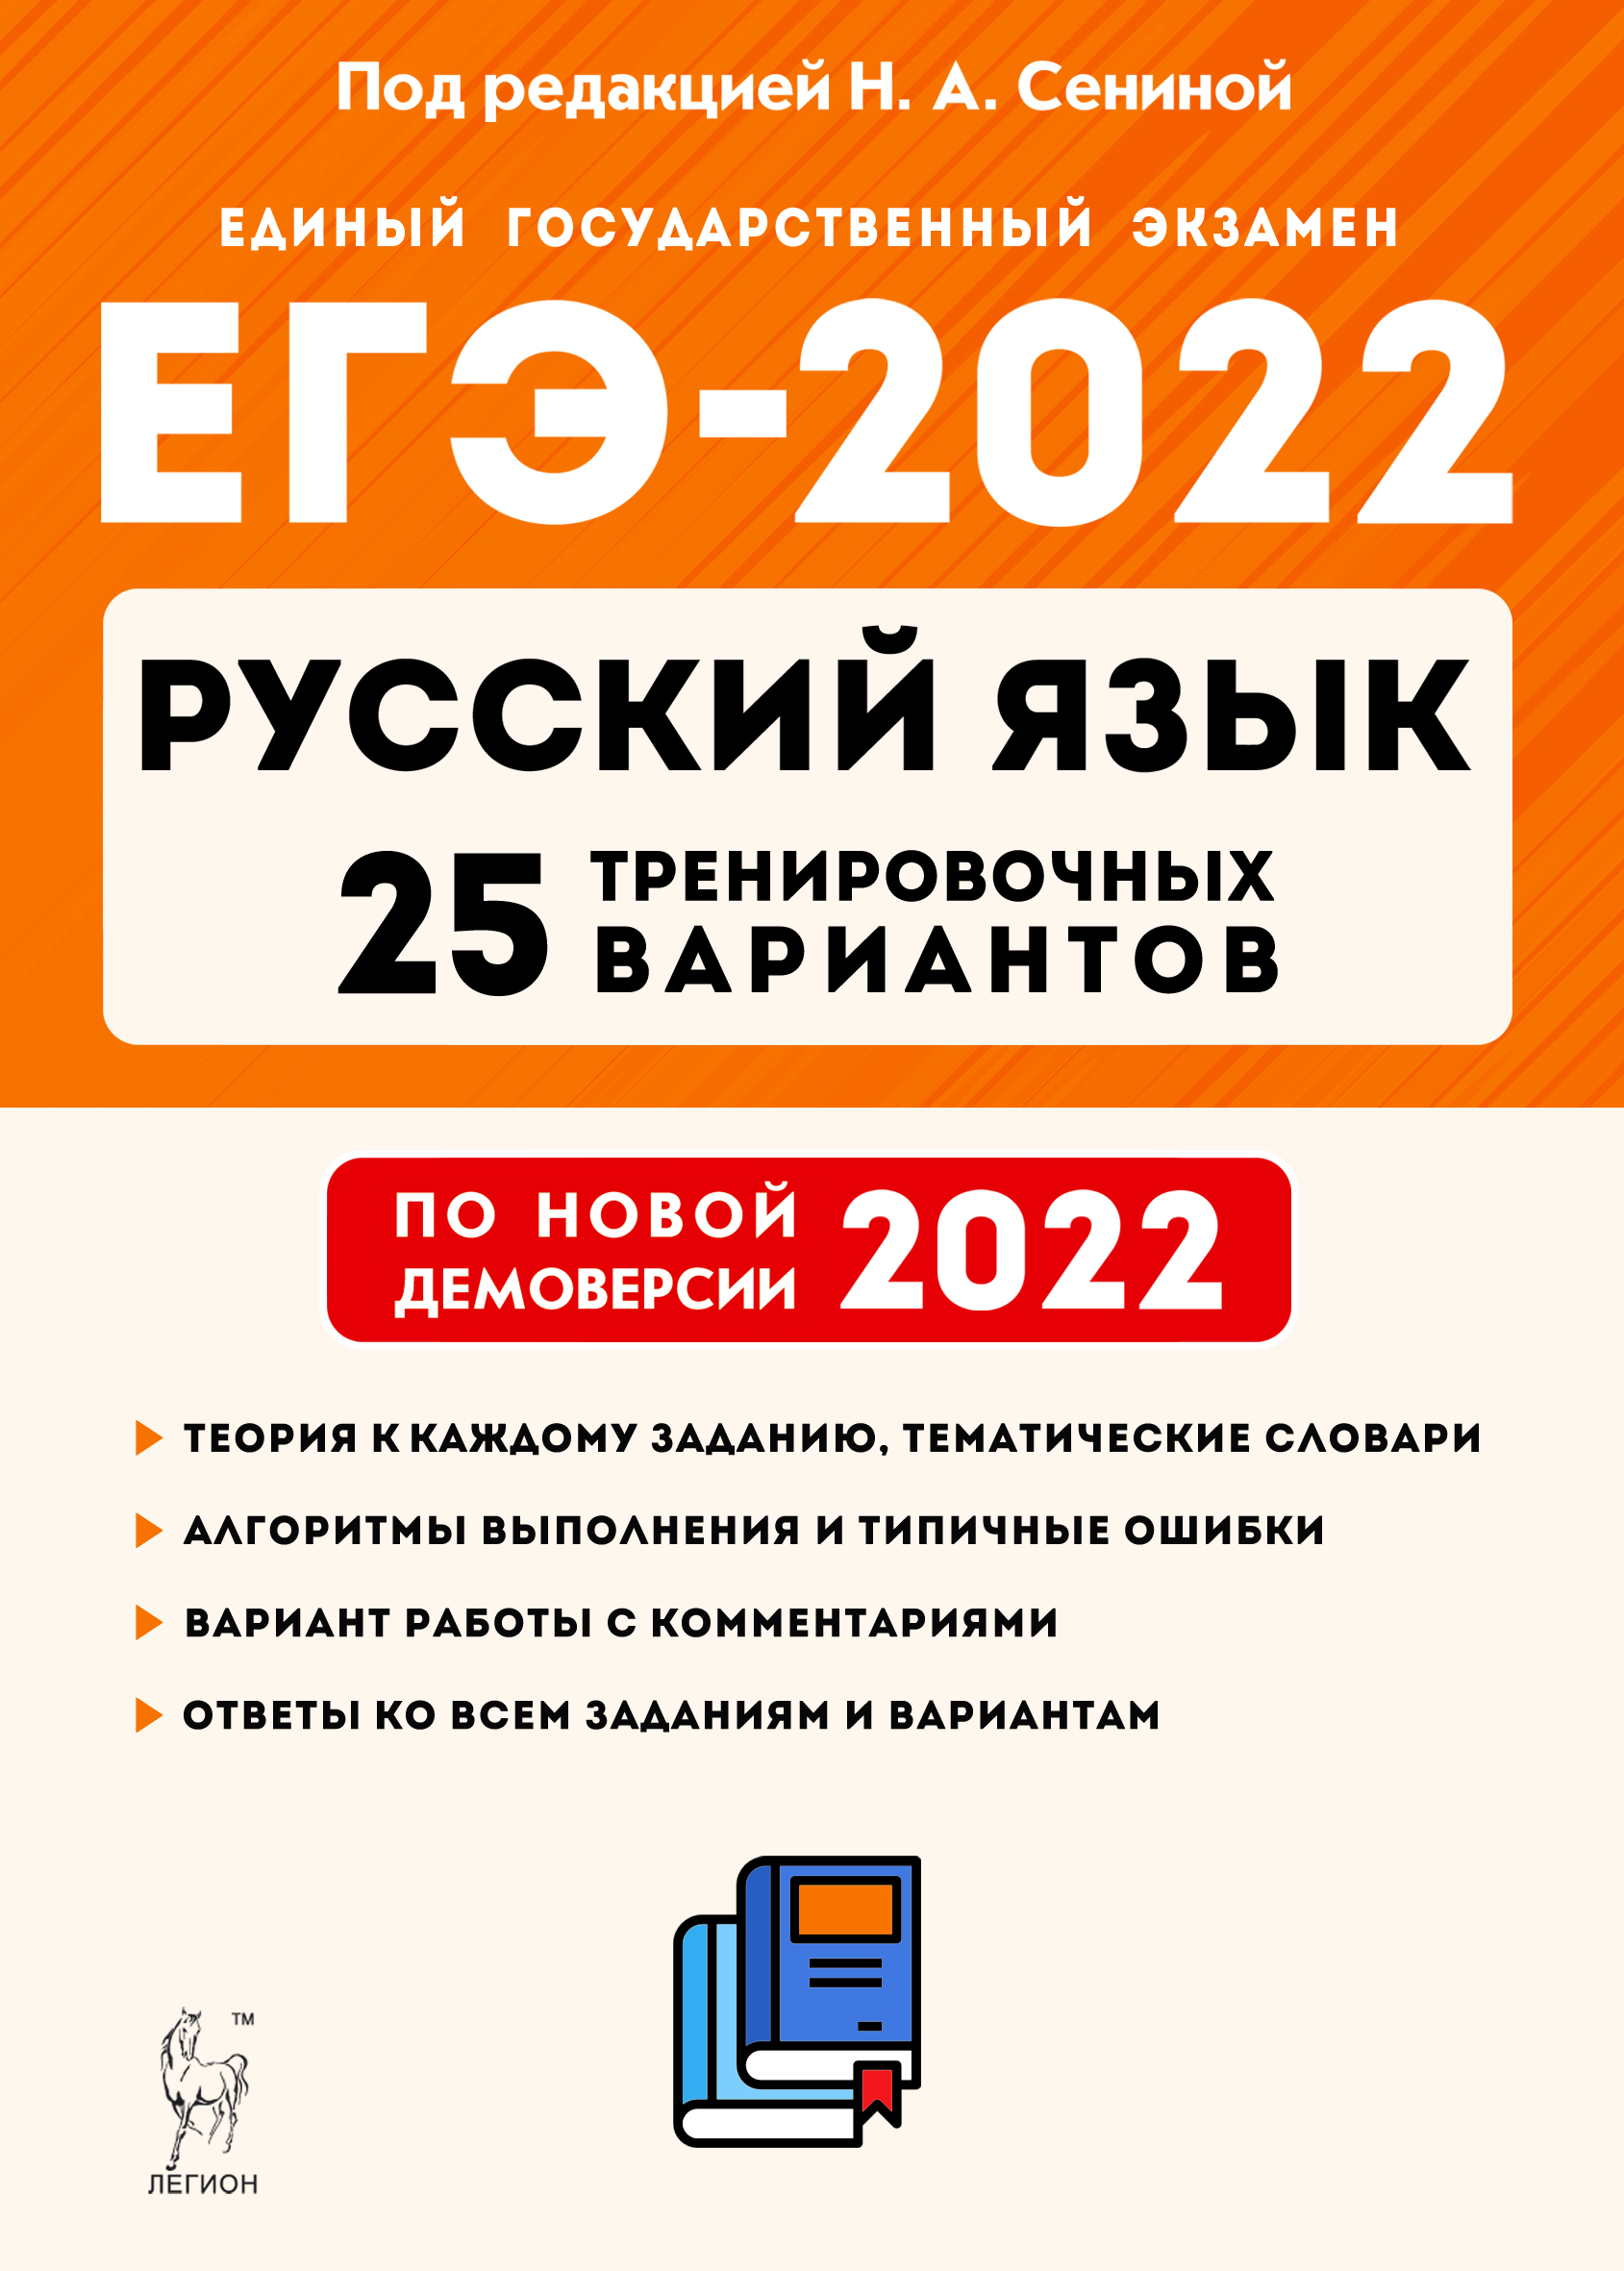 Под ред. Н. А. Сениной Русский язык. Подготовка к ЕГЭ-2022. 25 тренировочных вариантов по демоверсии 2022 года. НОВИНКА